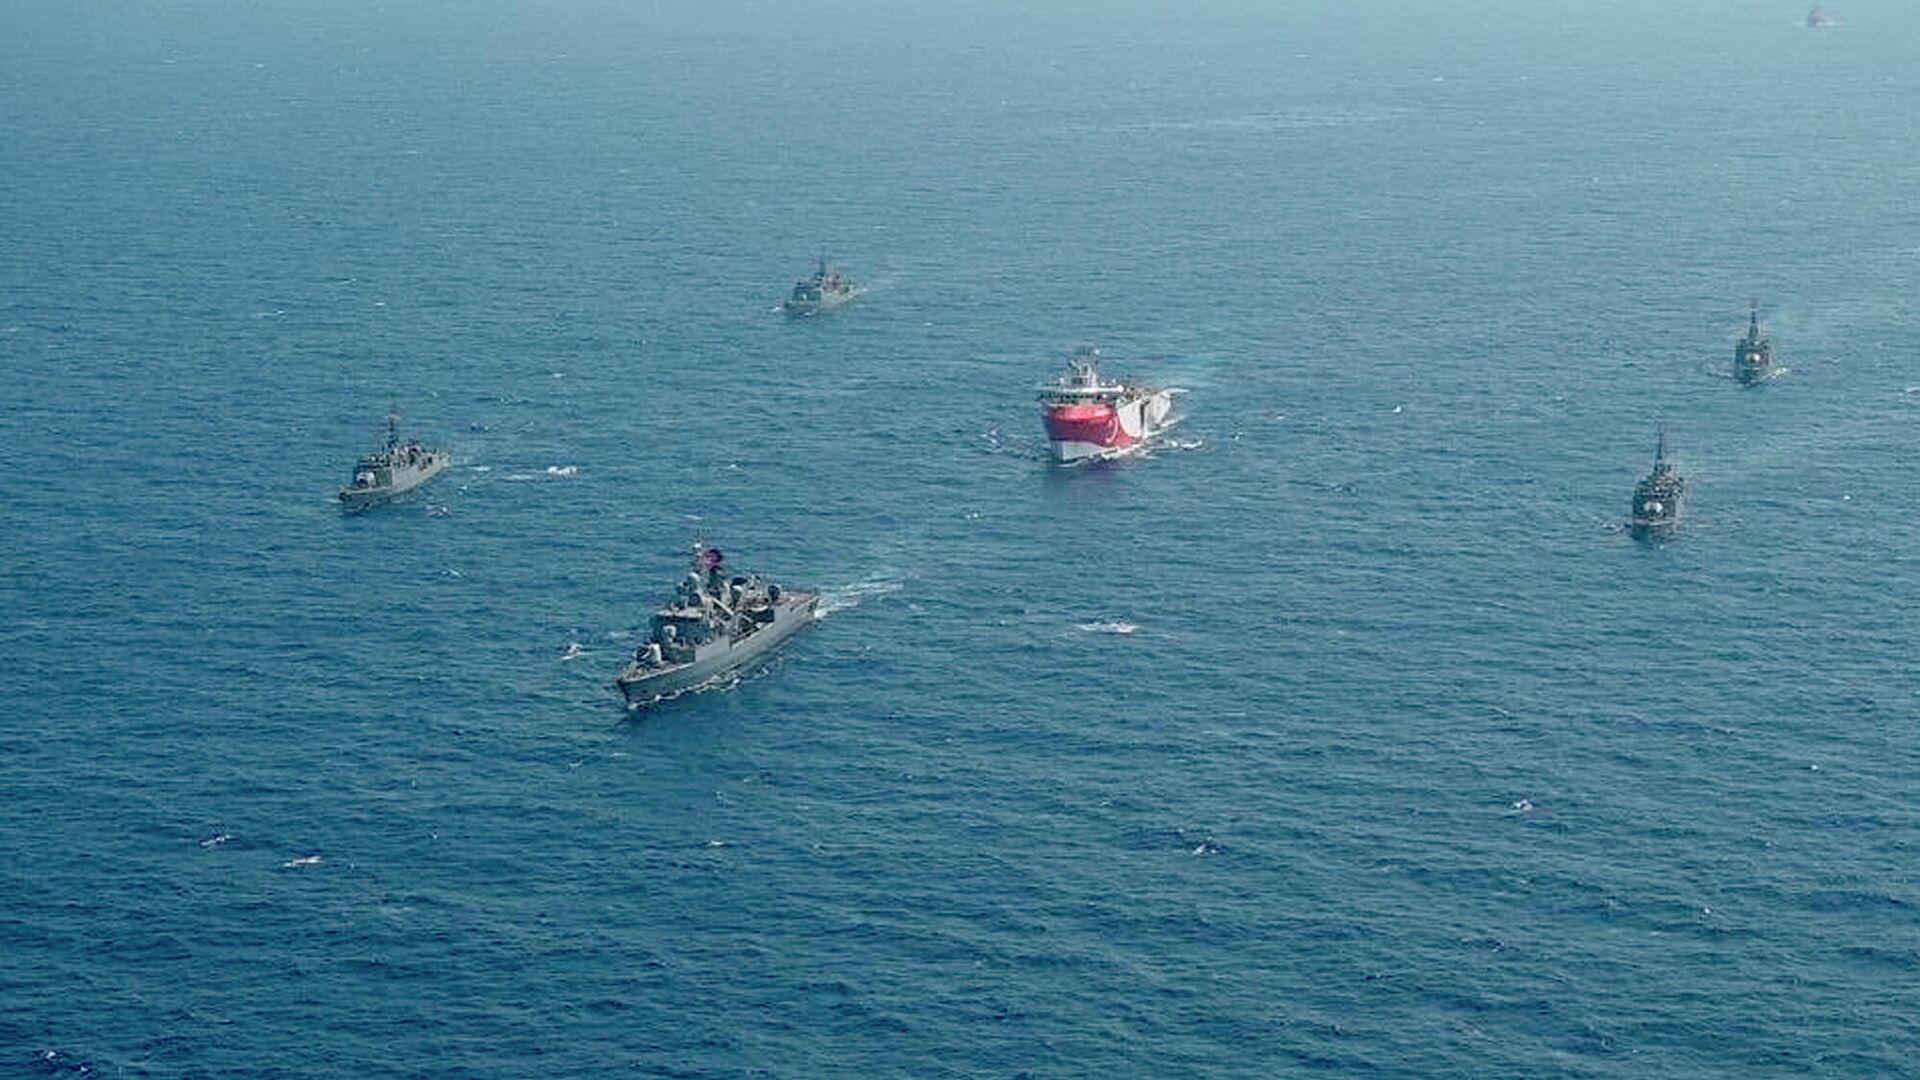 Турецкое исследовательское судно Oruc Reis, окруженное кораблями турецких военно-морских сил - РИА Новости, 1920, 21.11.2020